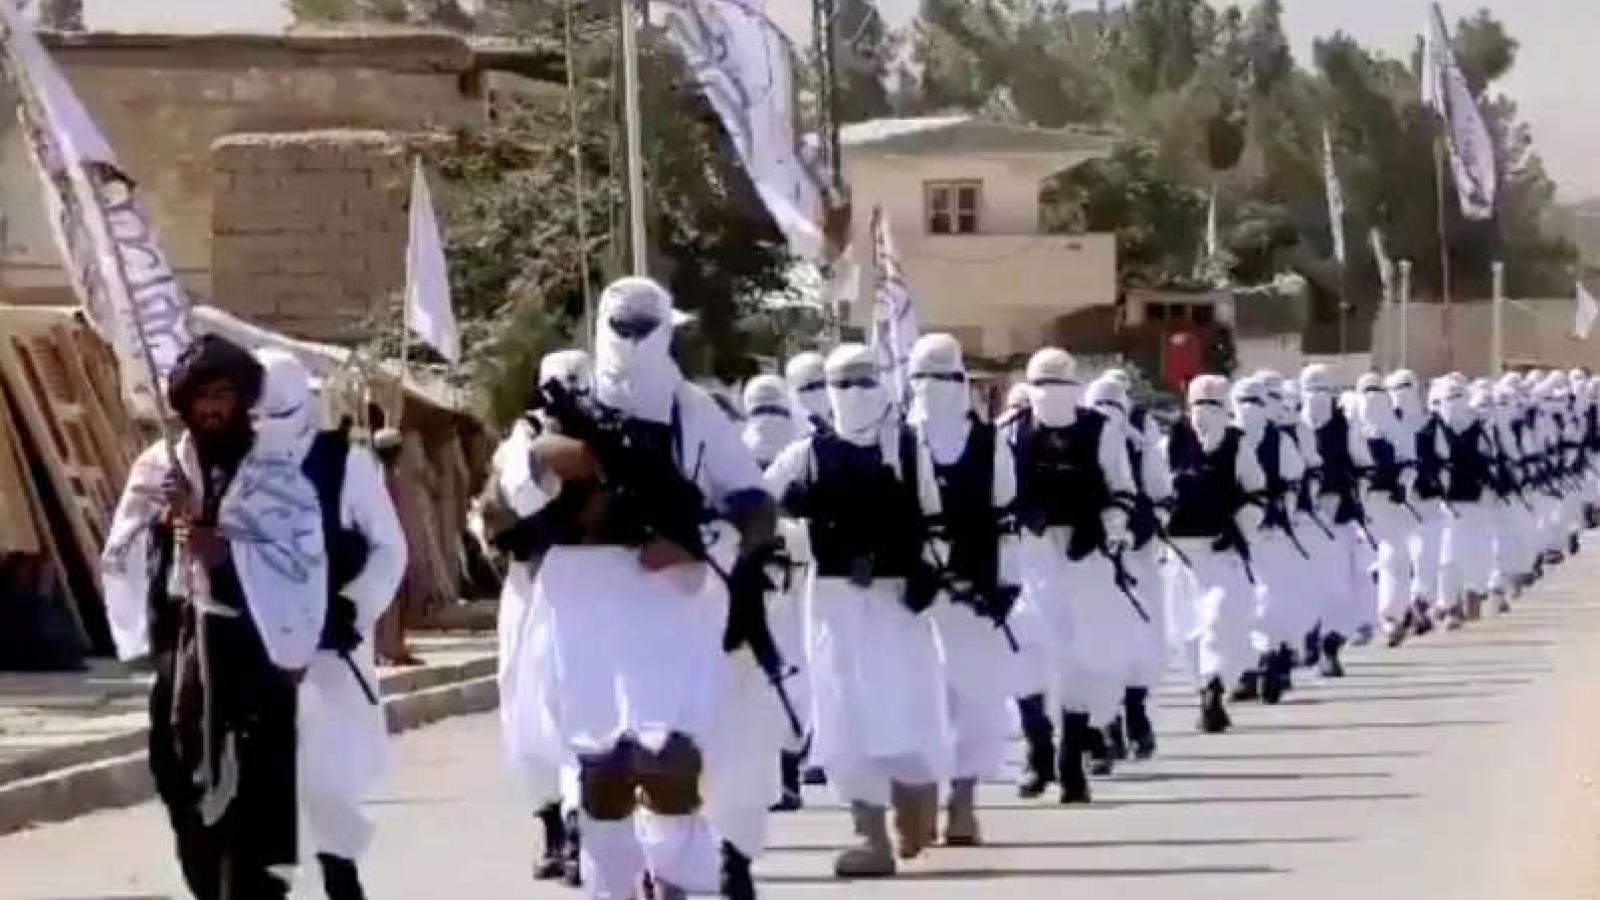 Lầu Năm Góc: Taliban đã phóng thích hàng nghìn tù nhân ISIS-K